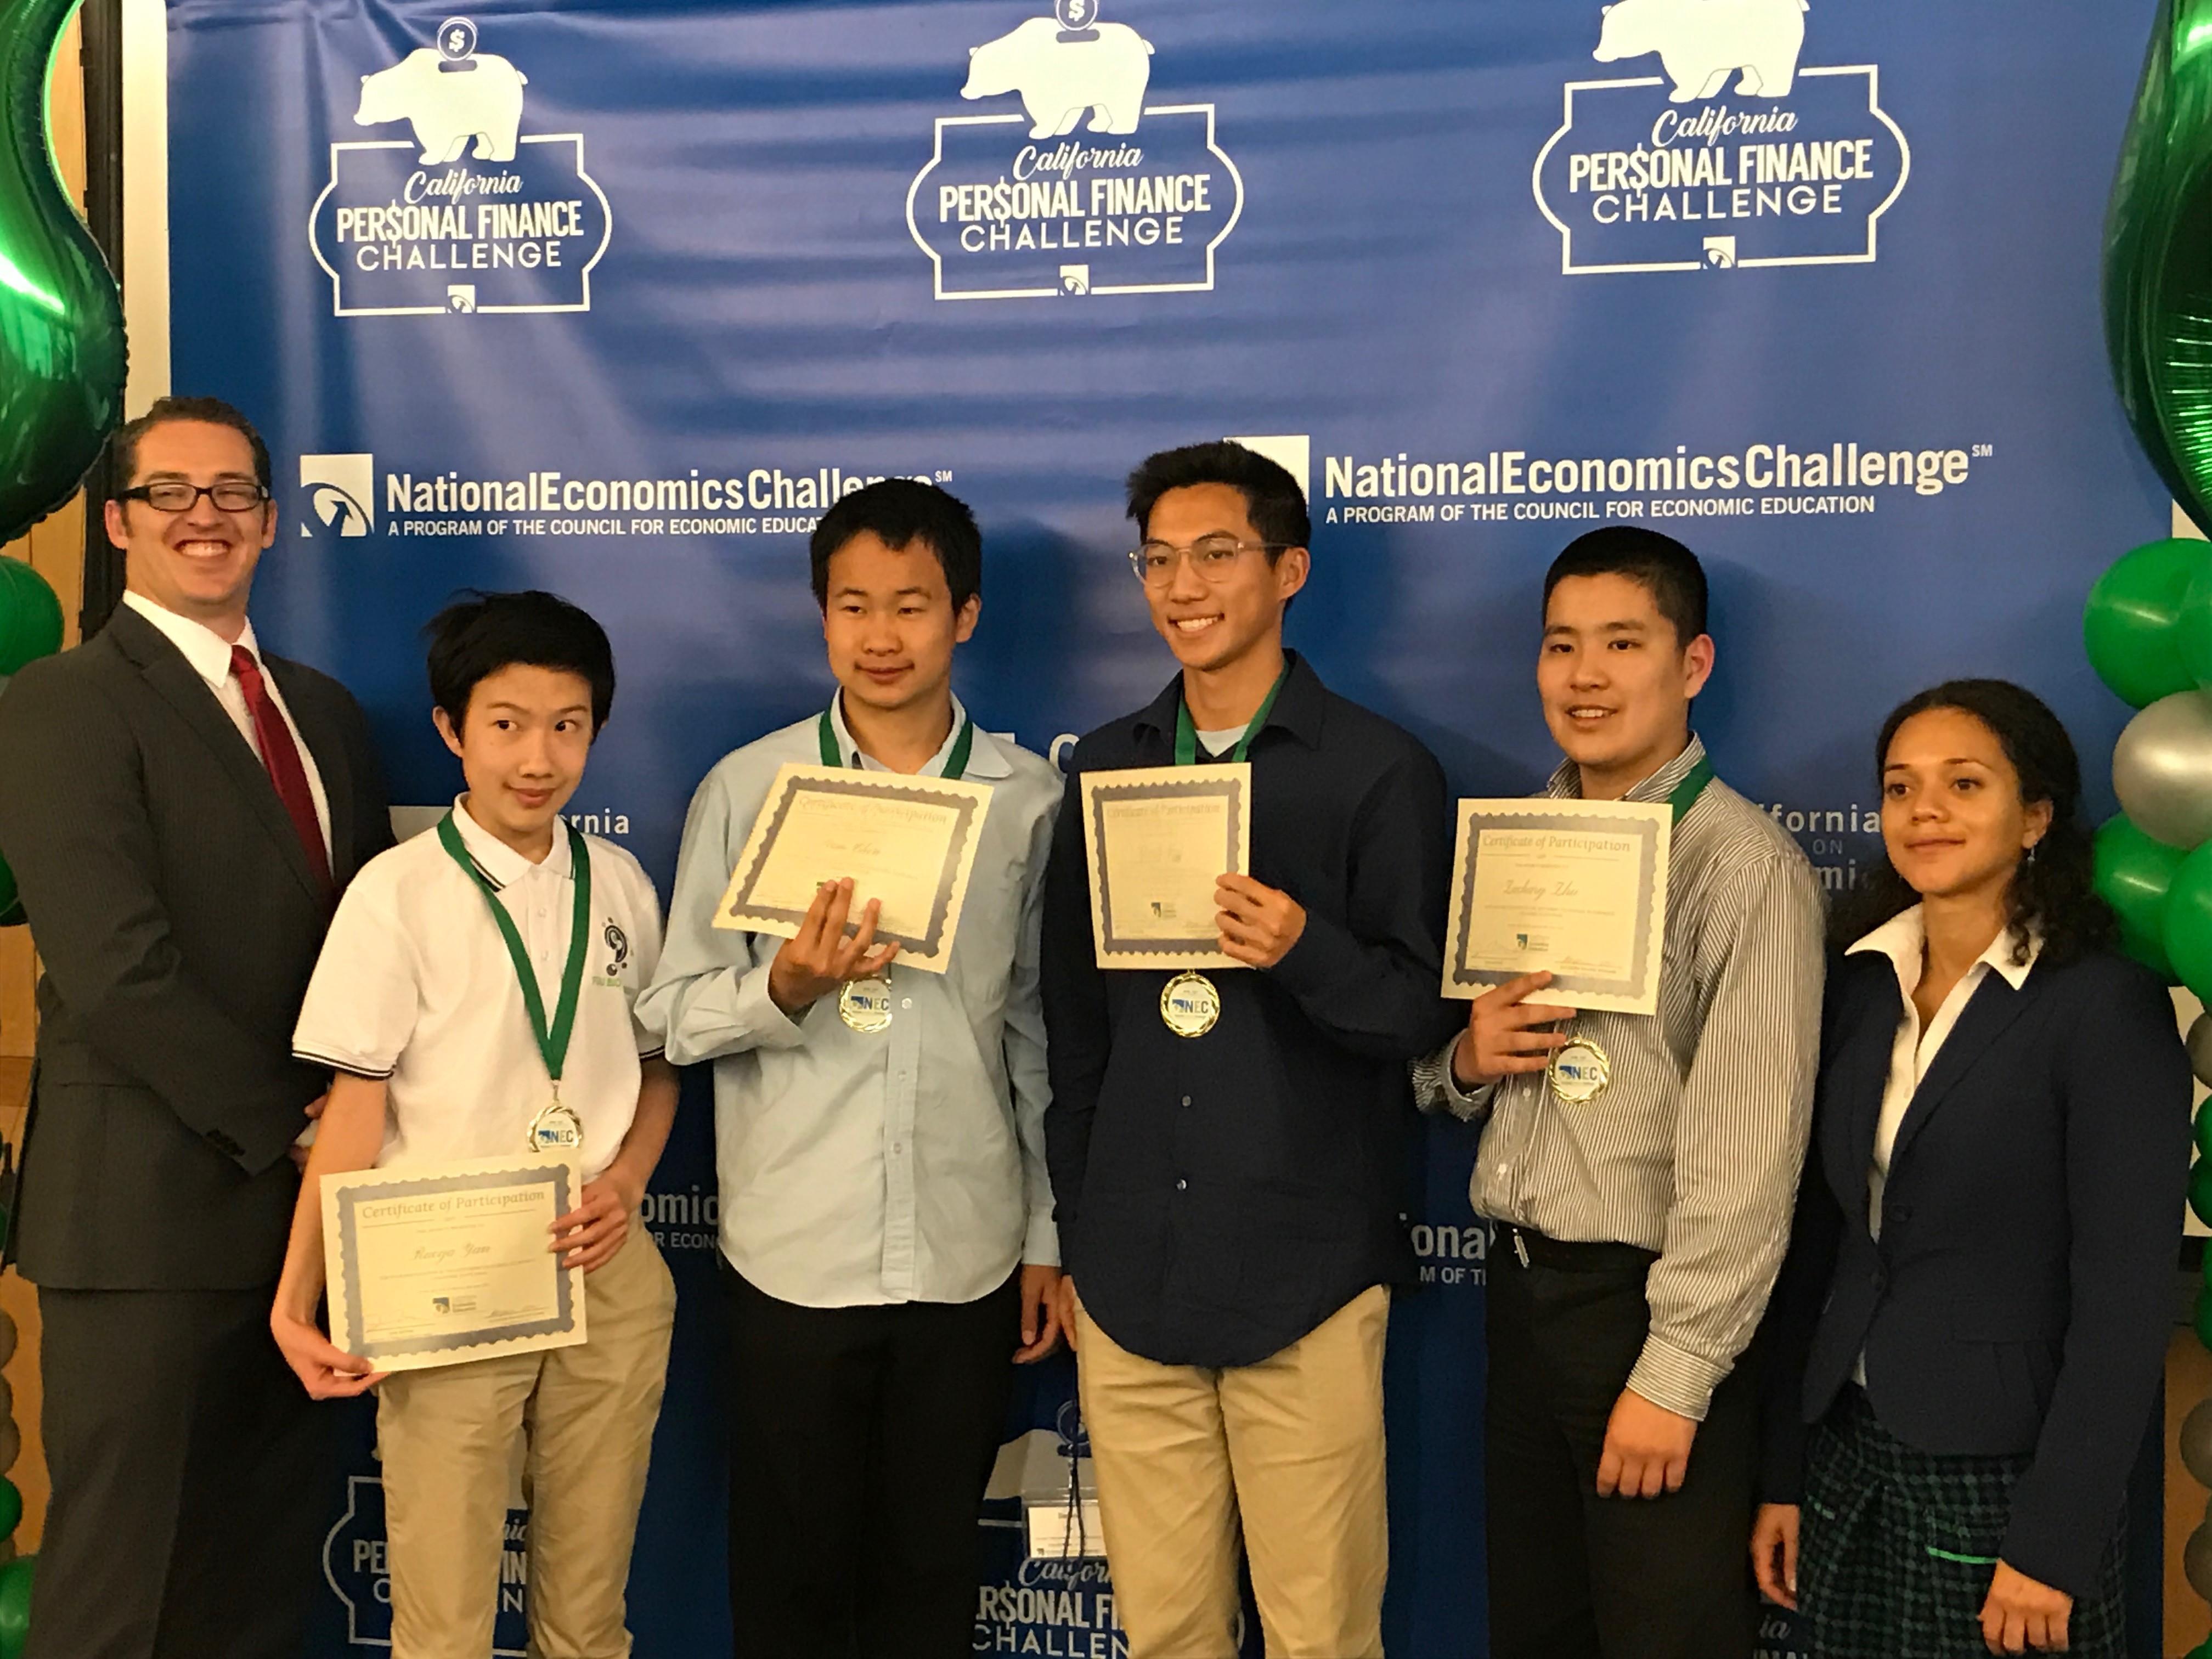 Canyon Crest Academy (L to R) Ruoya Yan, Sean Chen, Devin Tsai, Zachary Zhu